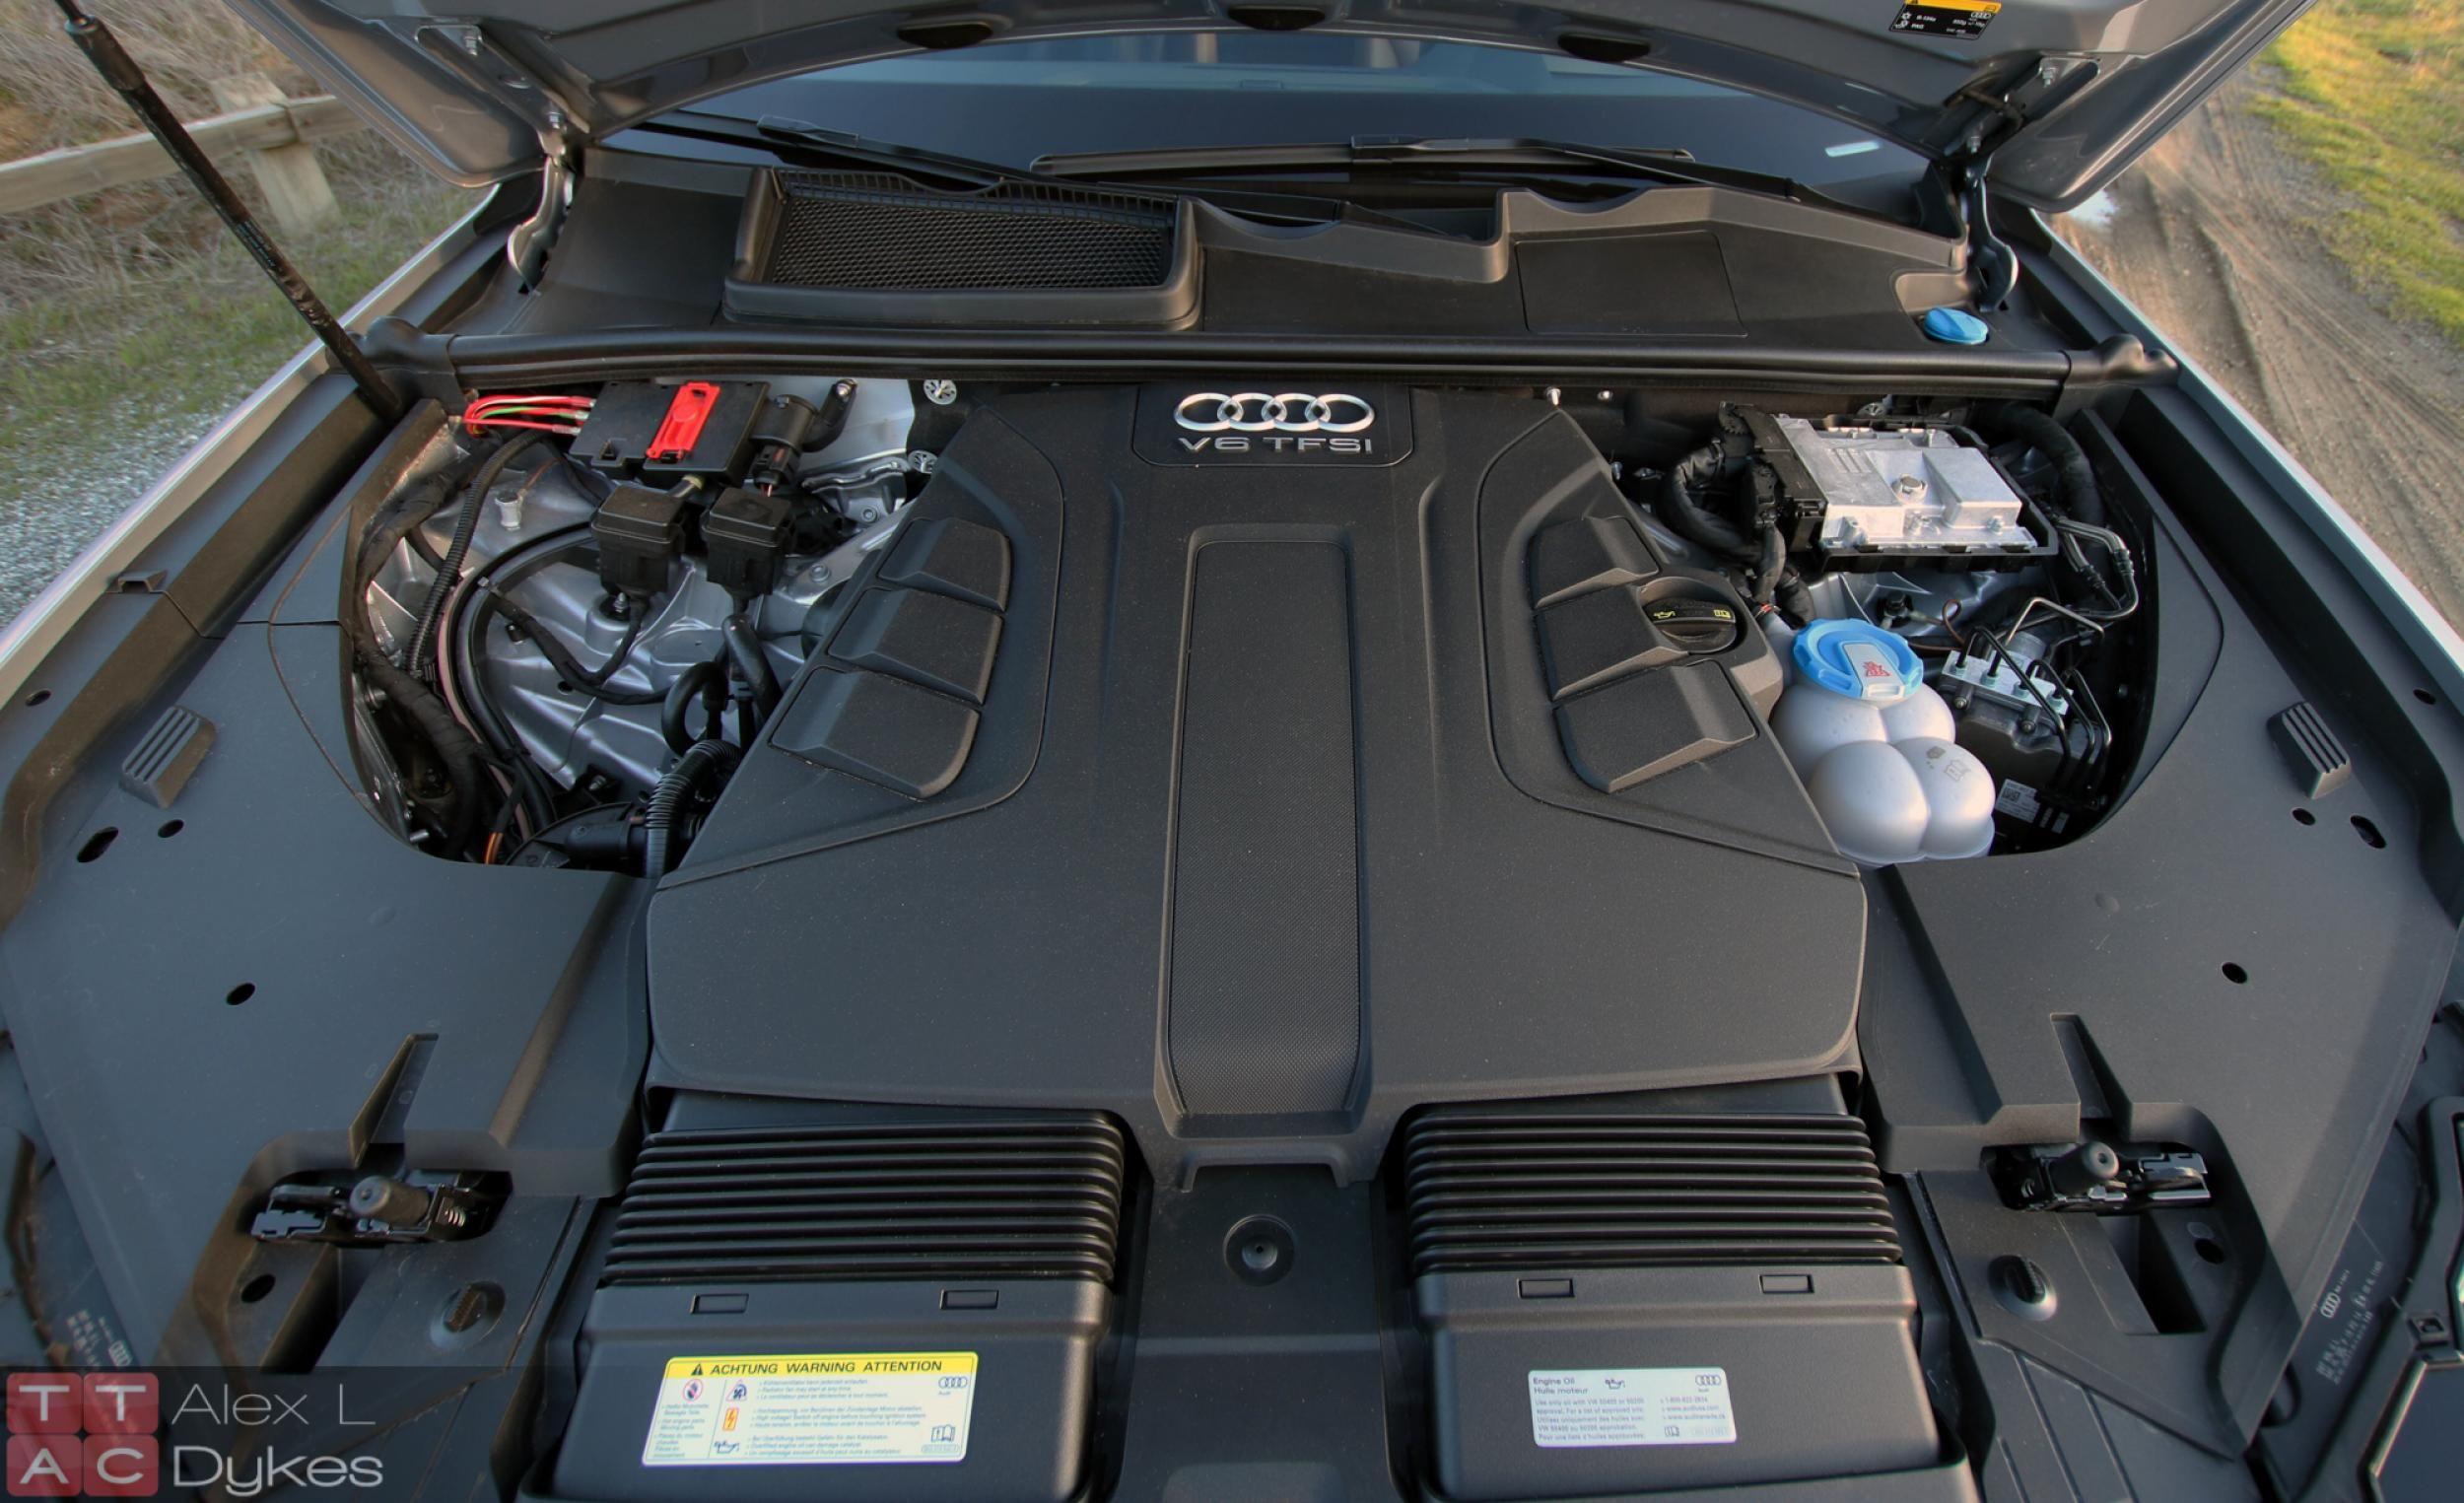 2017 Audi Q7 Engine